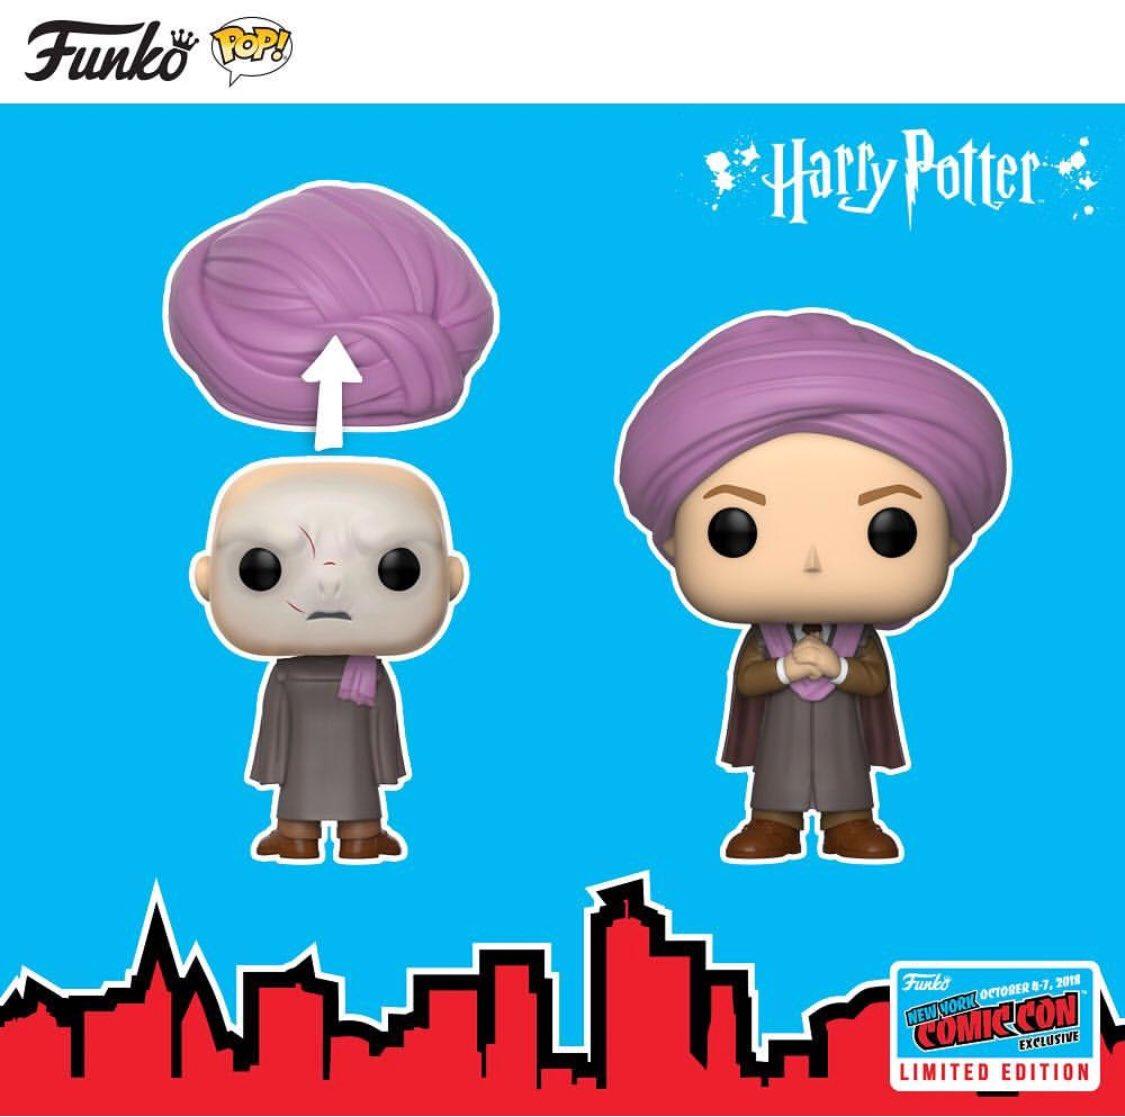 E niente signori, la mazzata è arrivata: esclusive Harry Potter NYCC 2018, professor Raptor con turbante removibile e la faccia di Voldemort! Poi ci sarà anche Hermione nel momento dello smistamento  #funko #funkopopitalianadventures #fpia #harrypotter #funkoitalia  - Ukustom